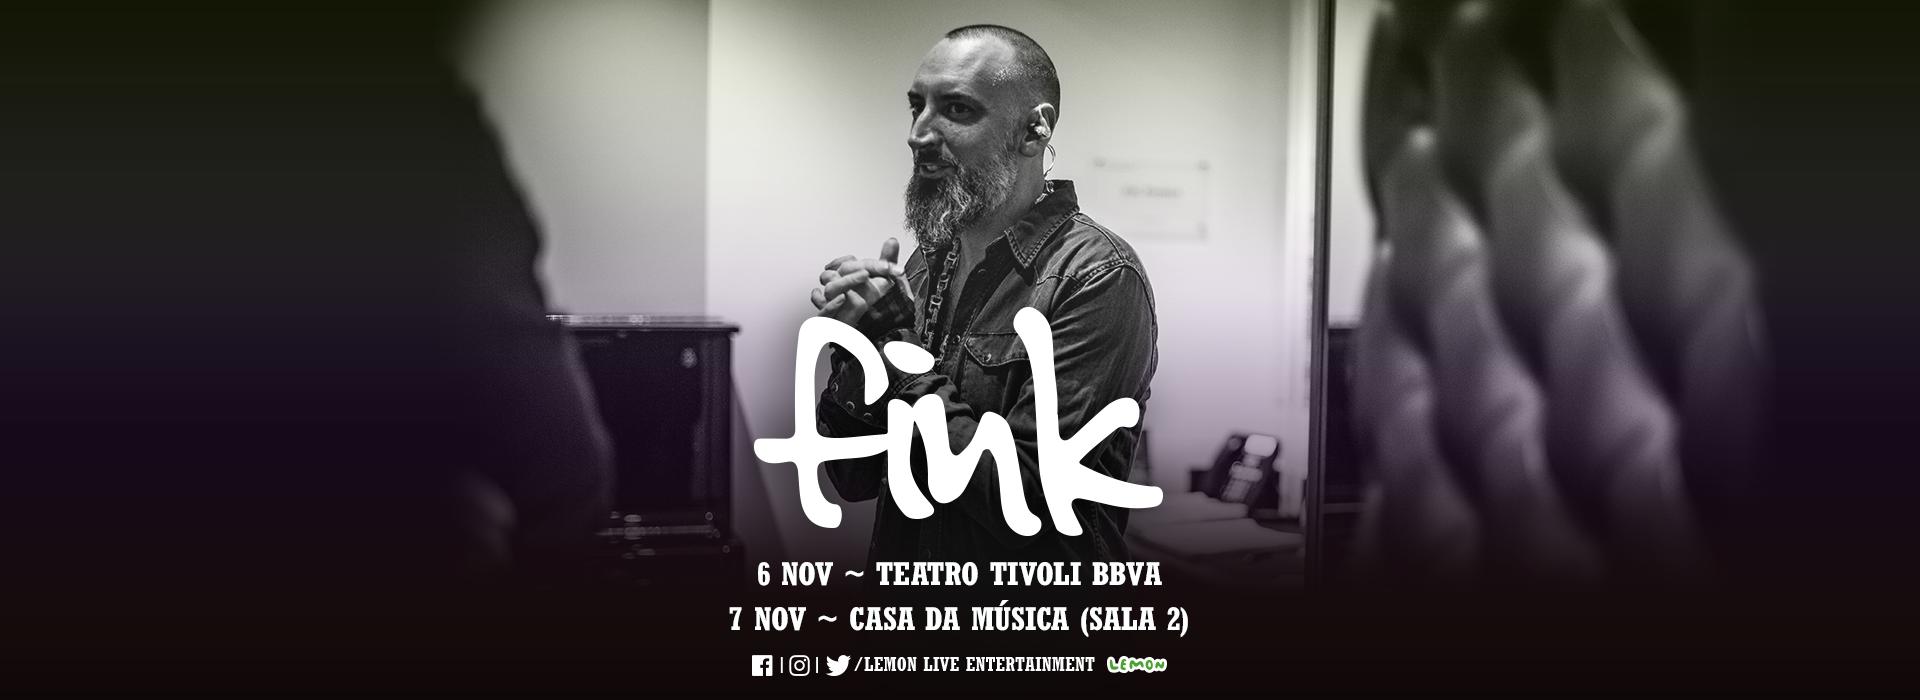 Fink-1920×700